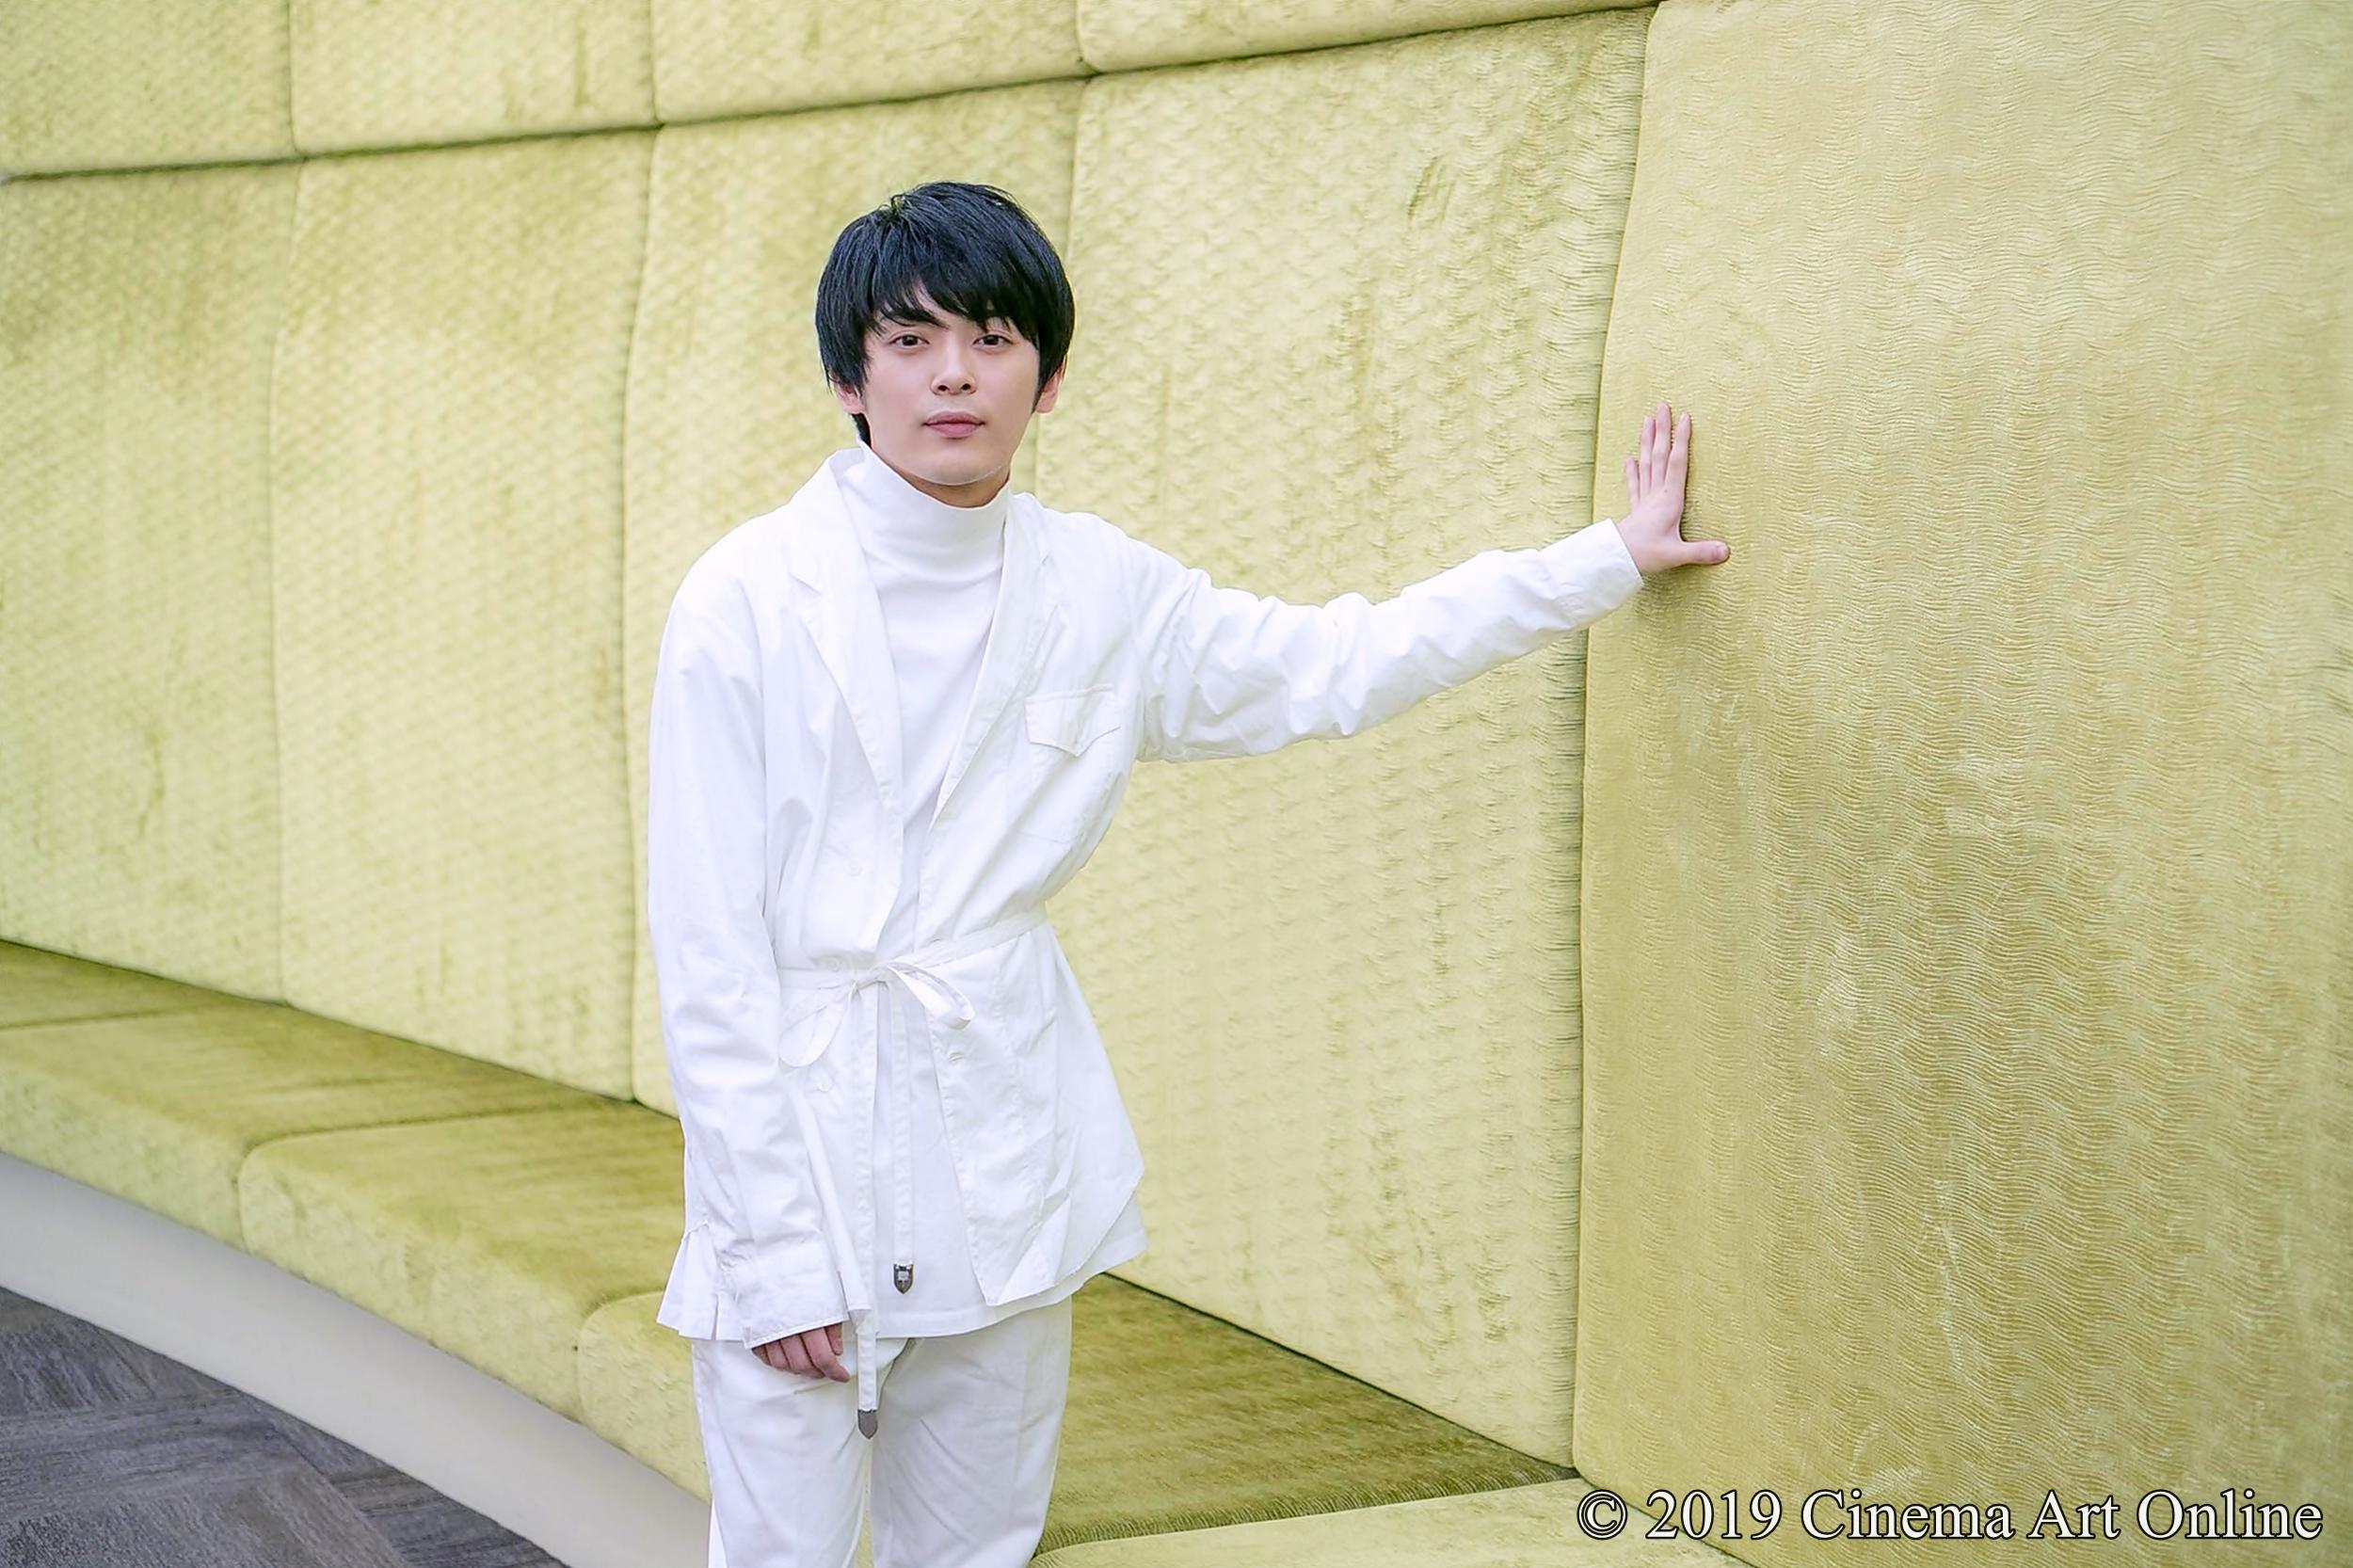 【写真】渕野右登 (Yuto Fuchino)